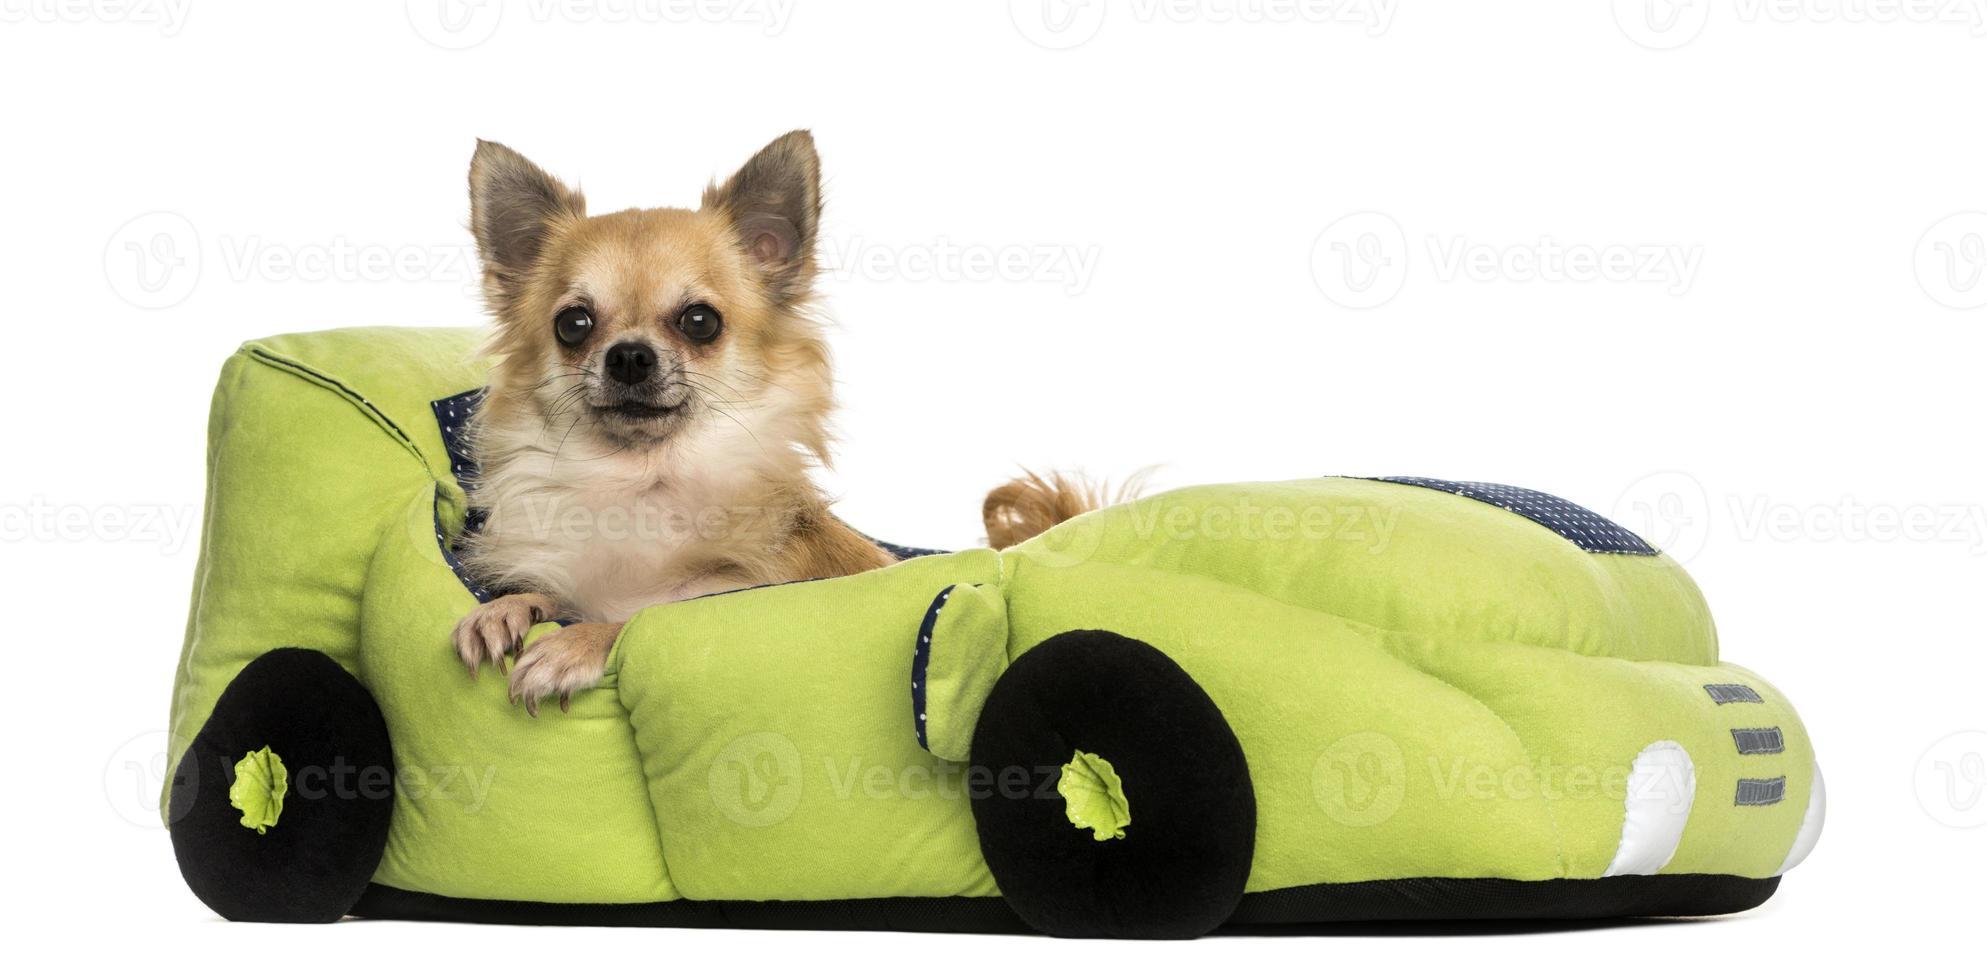 Chihuahua en una cama en forma de coche, aislado en blanco foto